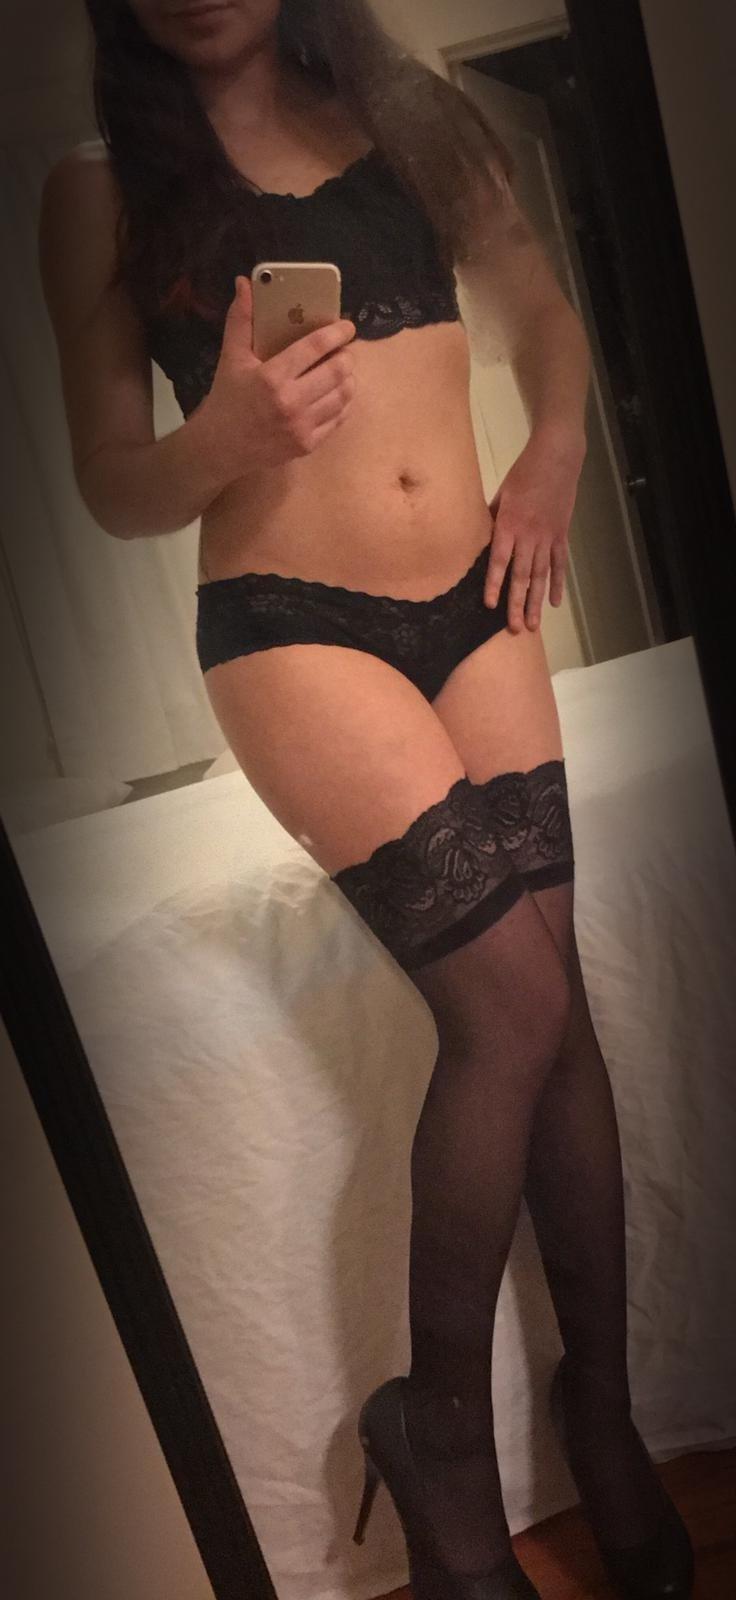 Tits ass campbellsville excellent porn